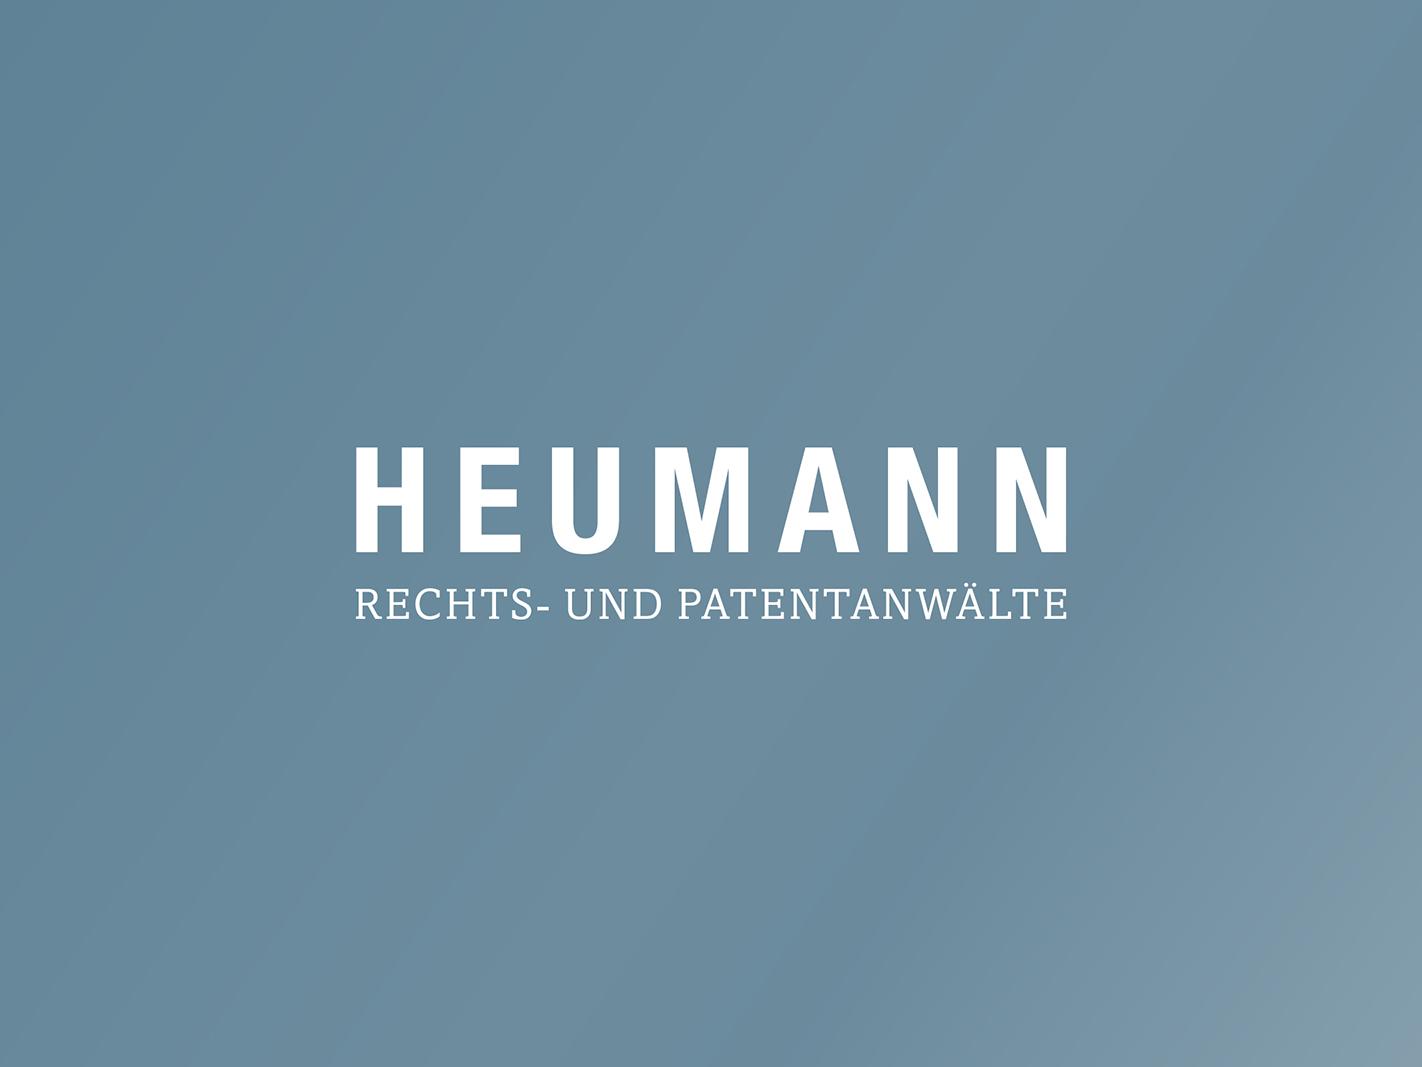 Corporate Design  Heumann / Rechts- und Patentanwälte